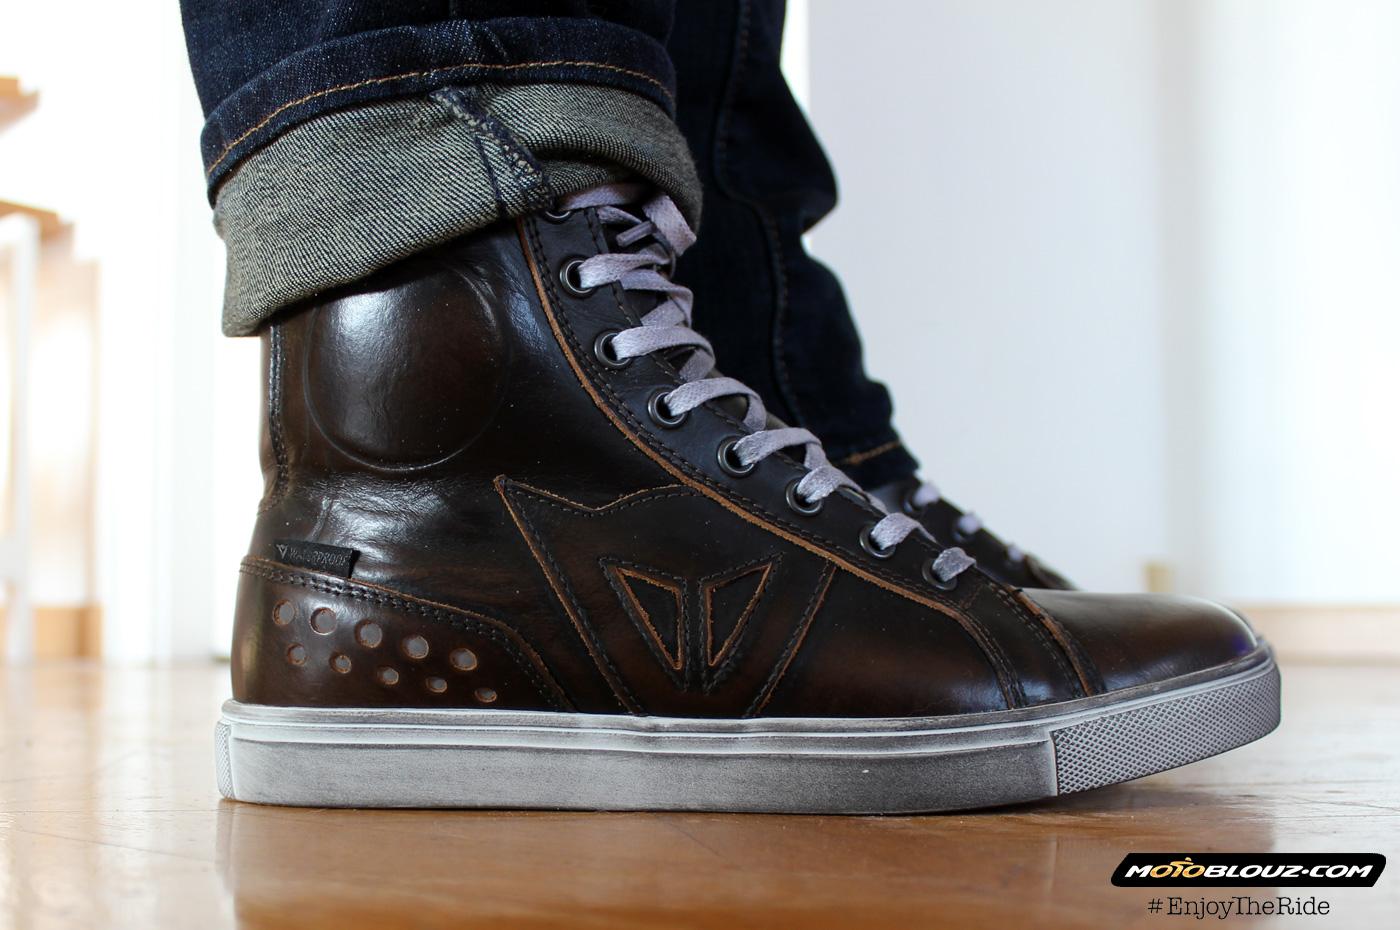 Hay dos protecciones a la altura del tobillo, entre el cuero y el forro interior. De este modo, no rompen el diseño de la zapatilla.